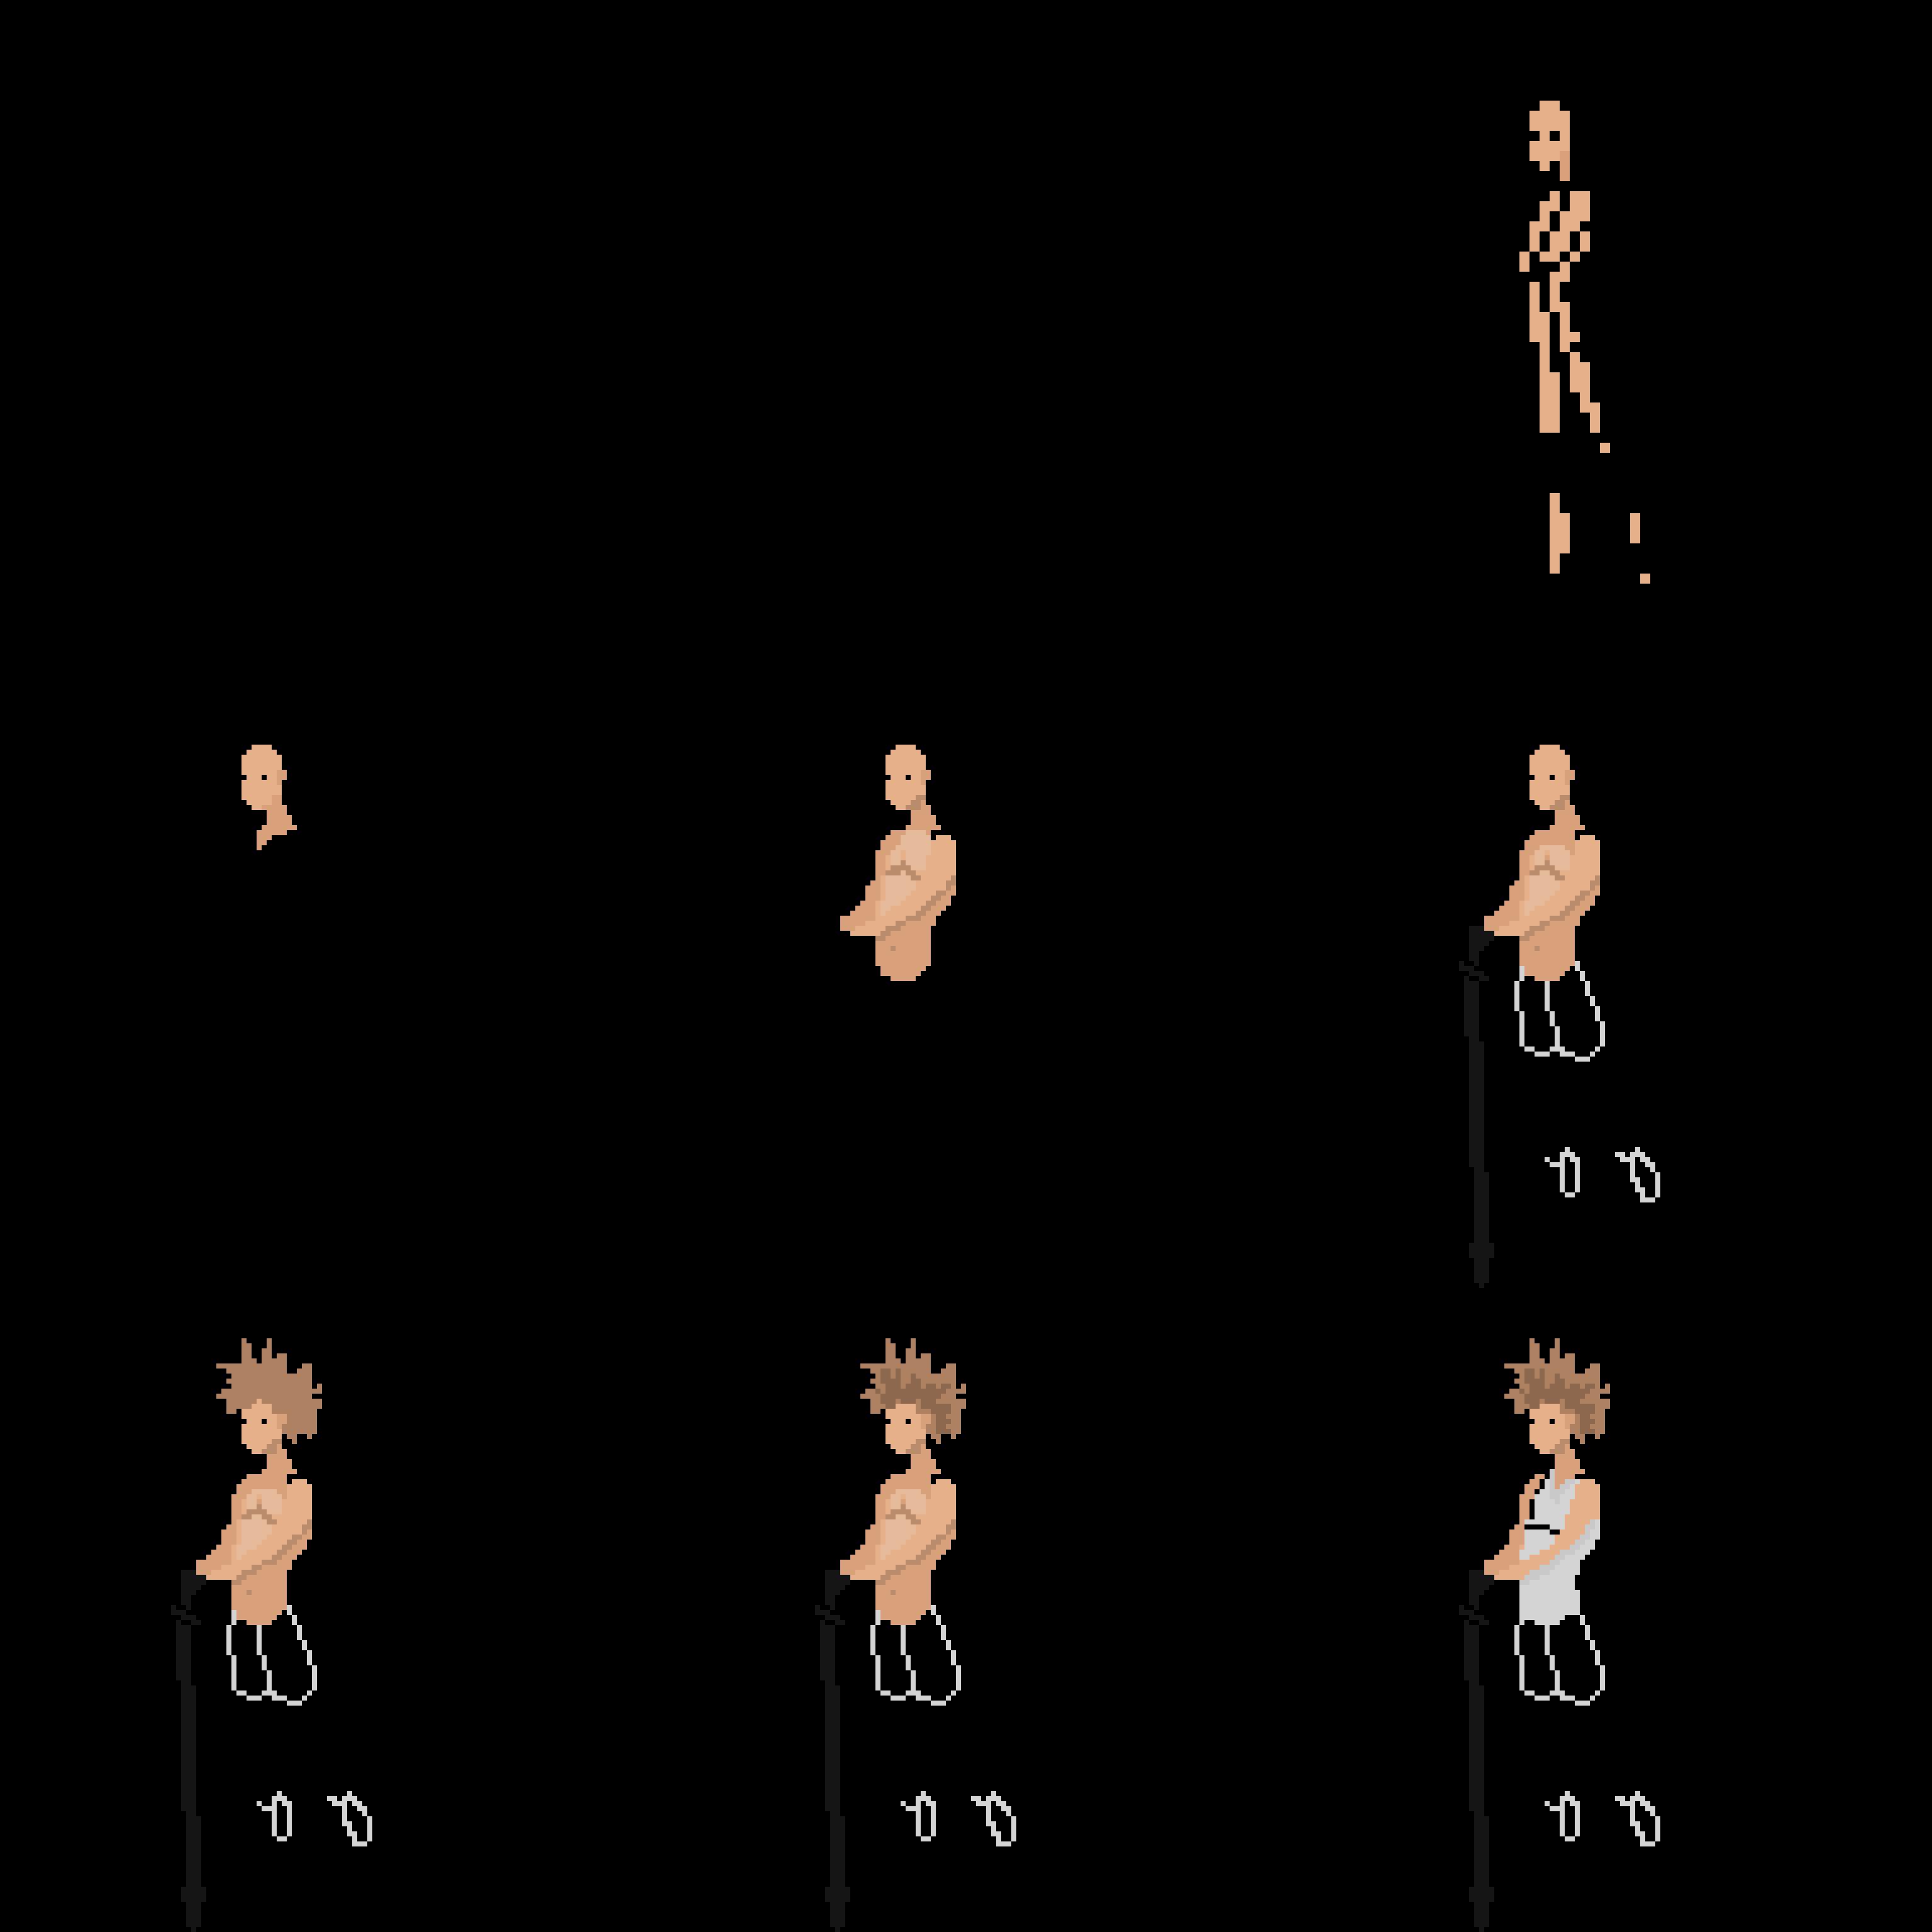 Pixel Art Character Tutorials Hyperpad Forum